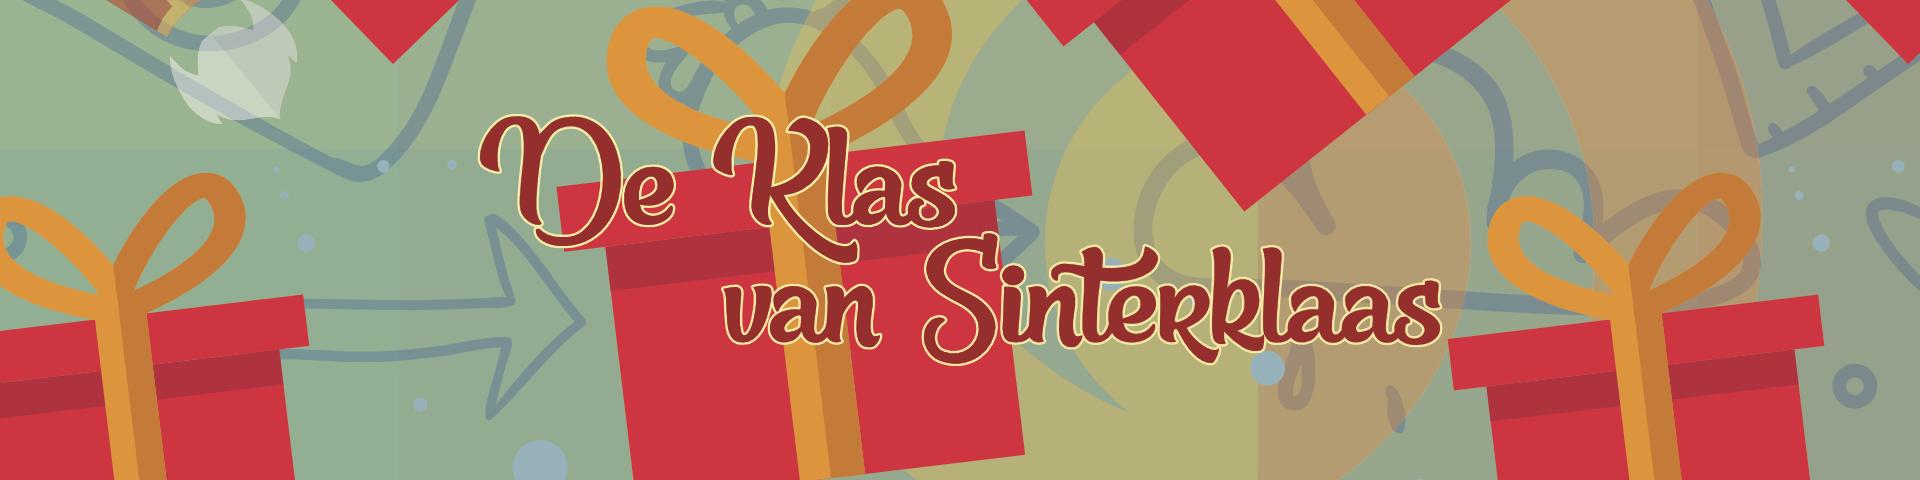 De Klas van Sinterklaas - Waarvan Acte Theaterproducties